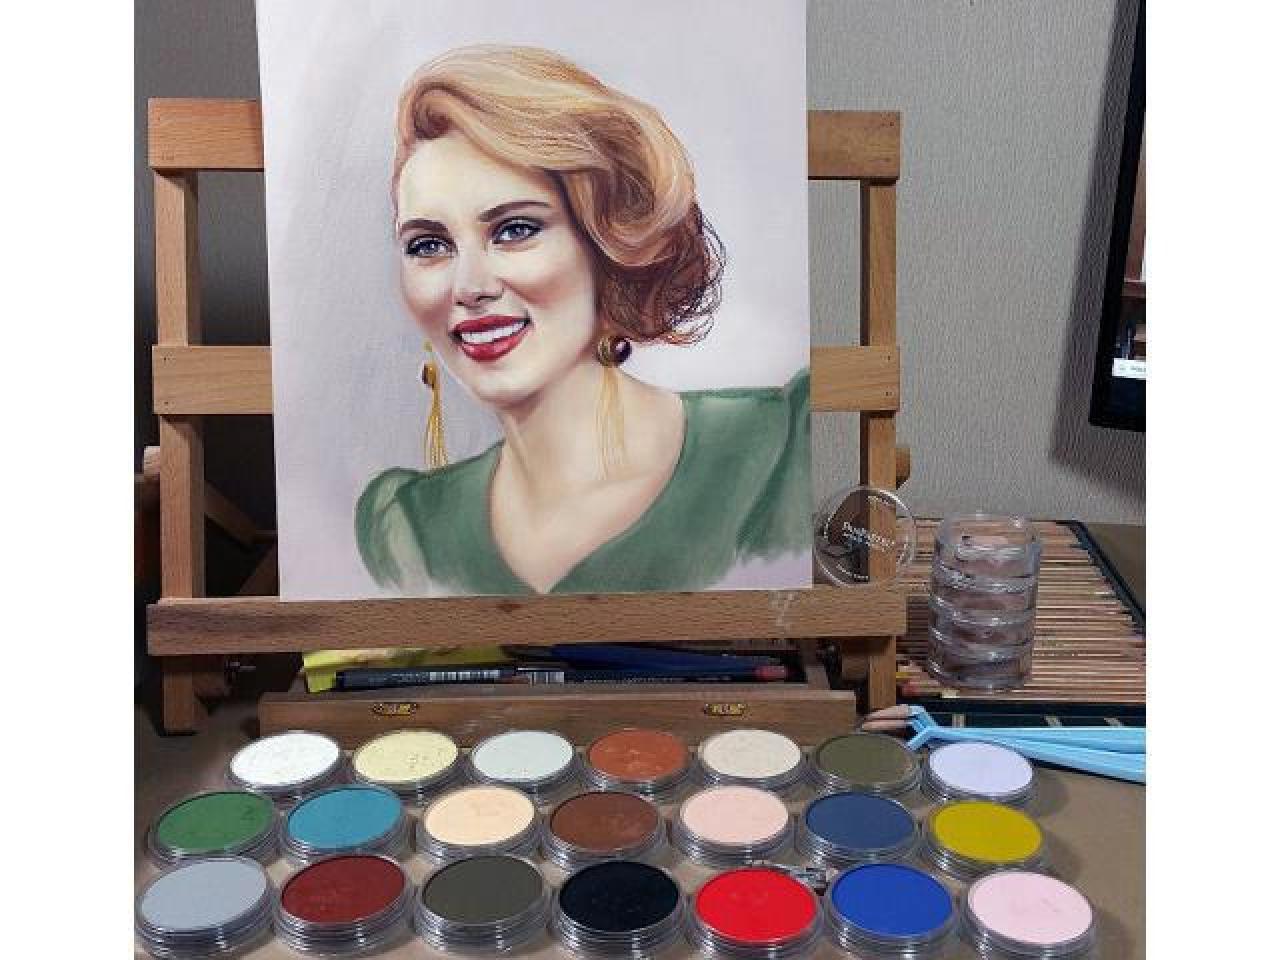 Портрет на заказ маслом, пастелью, карандашом и в других техниках. Картины любой сложности. - 5